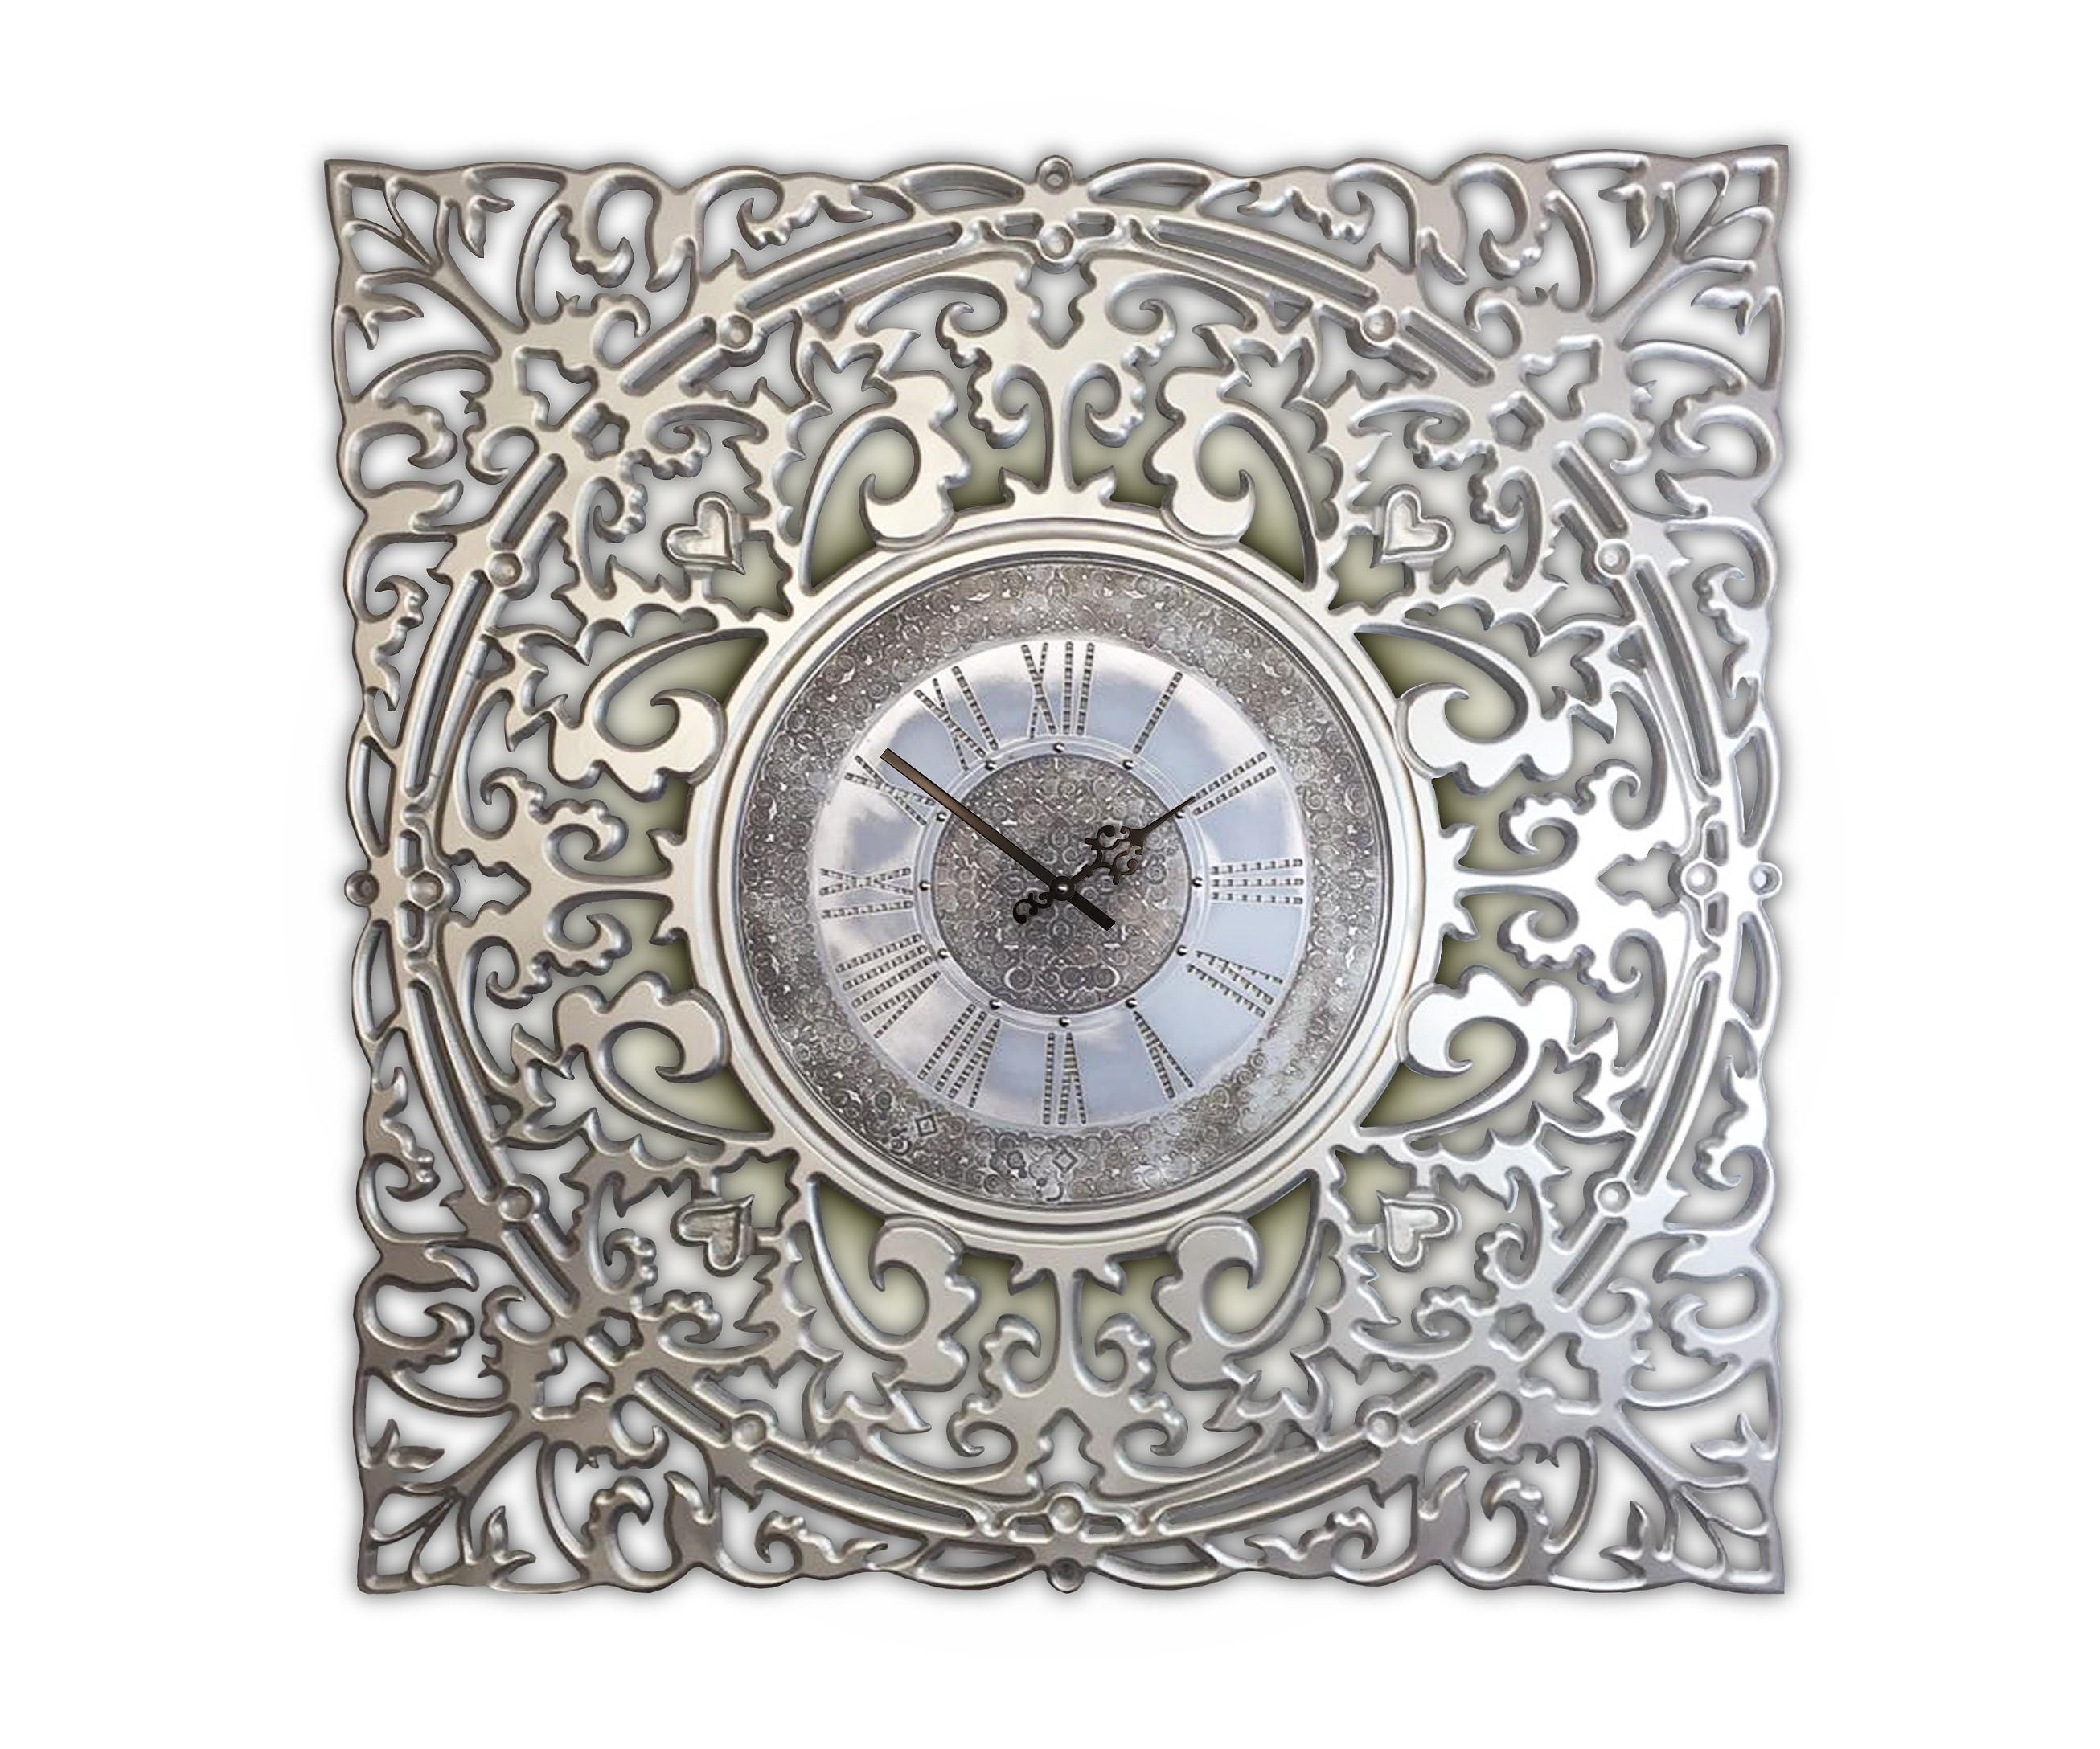 Часы VintageНастенные часы<br>&amp;lt;span style=&amp;quot;font-size: 14px;&amp;quot;&amp;gt;Часы оснащены встроенной светодиодной подсветкой.&amp;amp;nbsp;&amp;lt;/span&amp;gt;&amp;lt;div style=&amp;quot;font-size: 14px;&amp;quot;&amp;gt;Циферблат выполнен из алюминия.&amp;amp;nbsp;&amp;lt;/div&amp;gt;&amp;lt;div style=&amp;quot;font-size: 14px;&amp;quot;&amp;gt;&amp;lt;span style=&amp;quot;font-size: 14px;&amp;quot;&amp;gt;Кварцевый механизм.&amp;lt;/span&amp;gt;&amp;lt;br&amp;gt;&amp;lt;/div&amp;gt;&amp;lt;div style=&amp;quot;font-size: 14px;&amp;quot;&amp;gt;&amp;lt;span style=&amp;quot;font-size: 14px;&amp;quot;&amp;gt;&amp;lt;br&amp;gt;&amp;lt;/span&amp;gt;&amp;lt;/div&amp;gt;&amp;lt;div style=&amp;quot;font-size: 14px;&amp;quot;&amp;gt;&amp;lt;span style=&amp;quot;font-size: 14px;&amp;quot;&amp;gt;Возможны варианты с другими размерами без изменения цены.&amp;amp;nbsp;&amp;lt;/span&amp;gt;&amp;lt;/div&amp;gt;<br><br>Material: Дерево<br>Ширина см: 90.0<br>Высота см: 90.0<br>Глубина см: 1.0